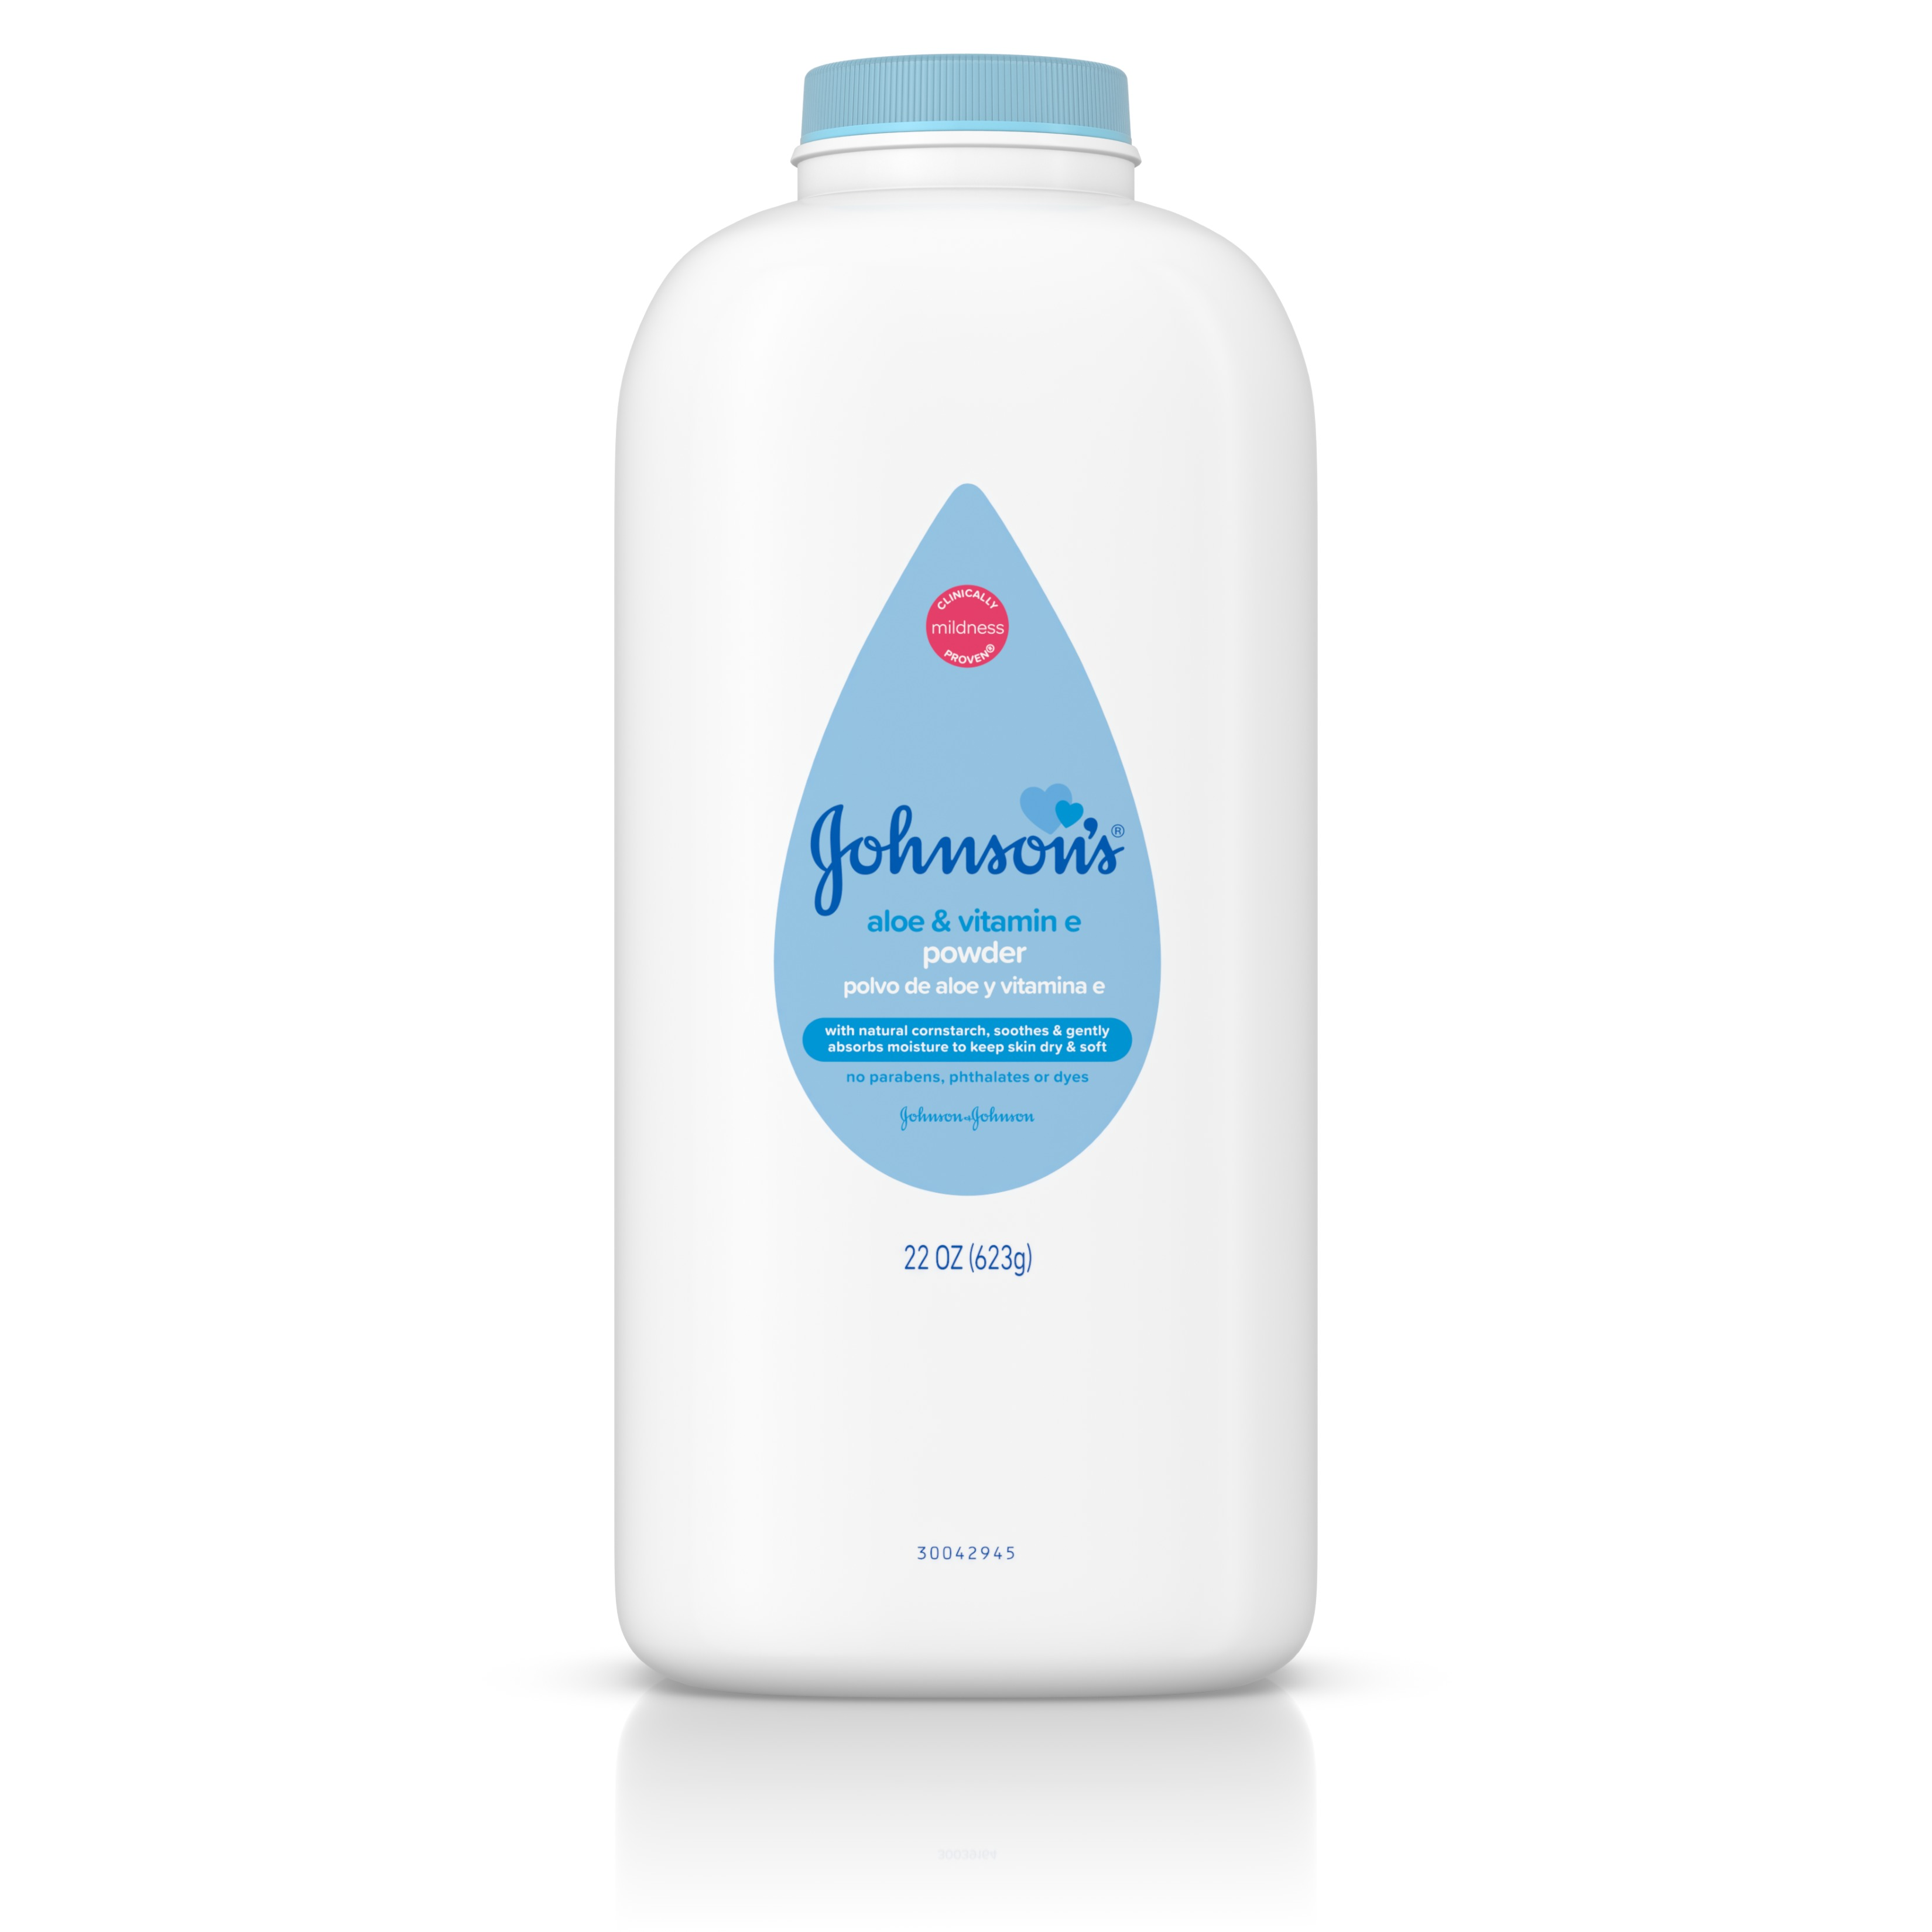 Johnson's Baby Powder with Naturally Derived Cornstarch, Aloe Vera & Vitamin E, 22 oz